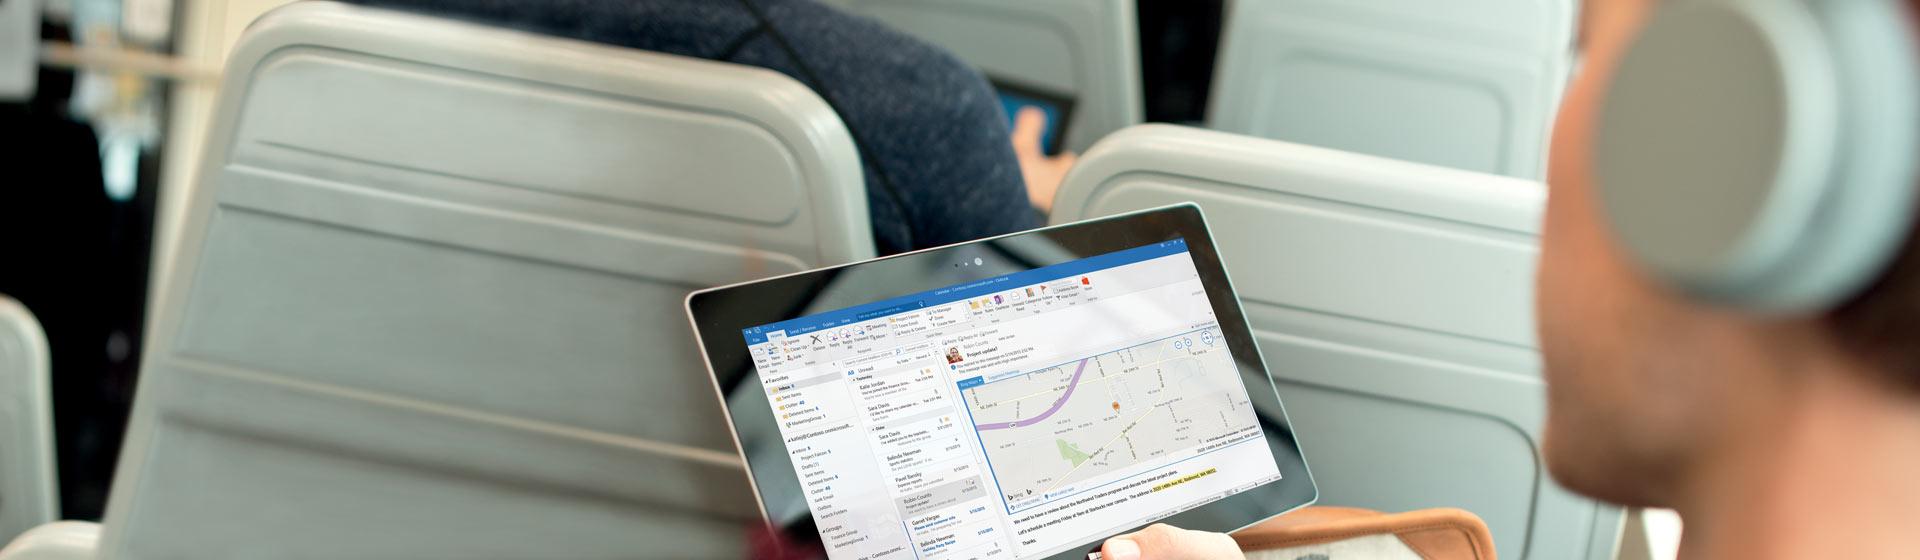 Un bărbat care ține o tabletă ce afișează inboxul de e-mail în Office 365